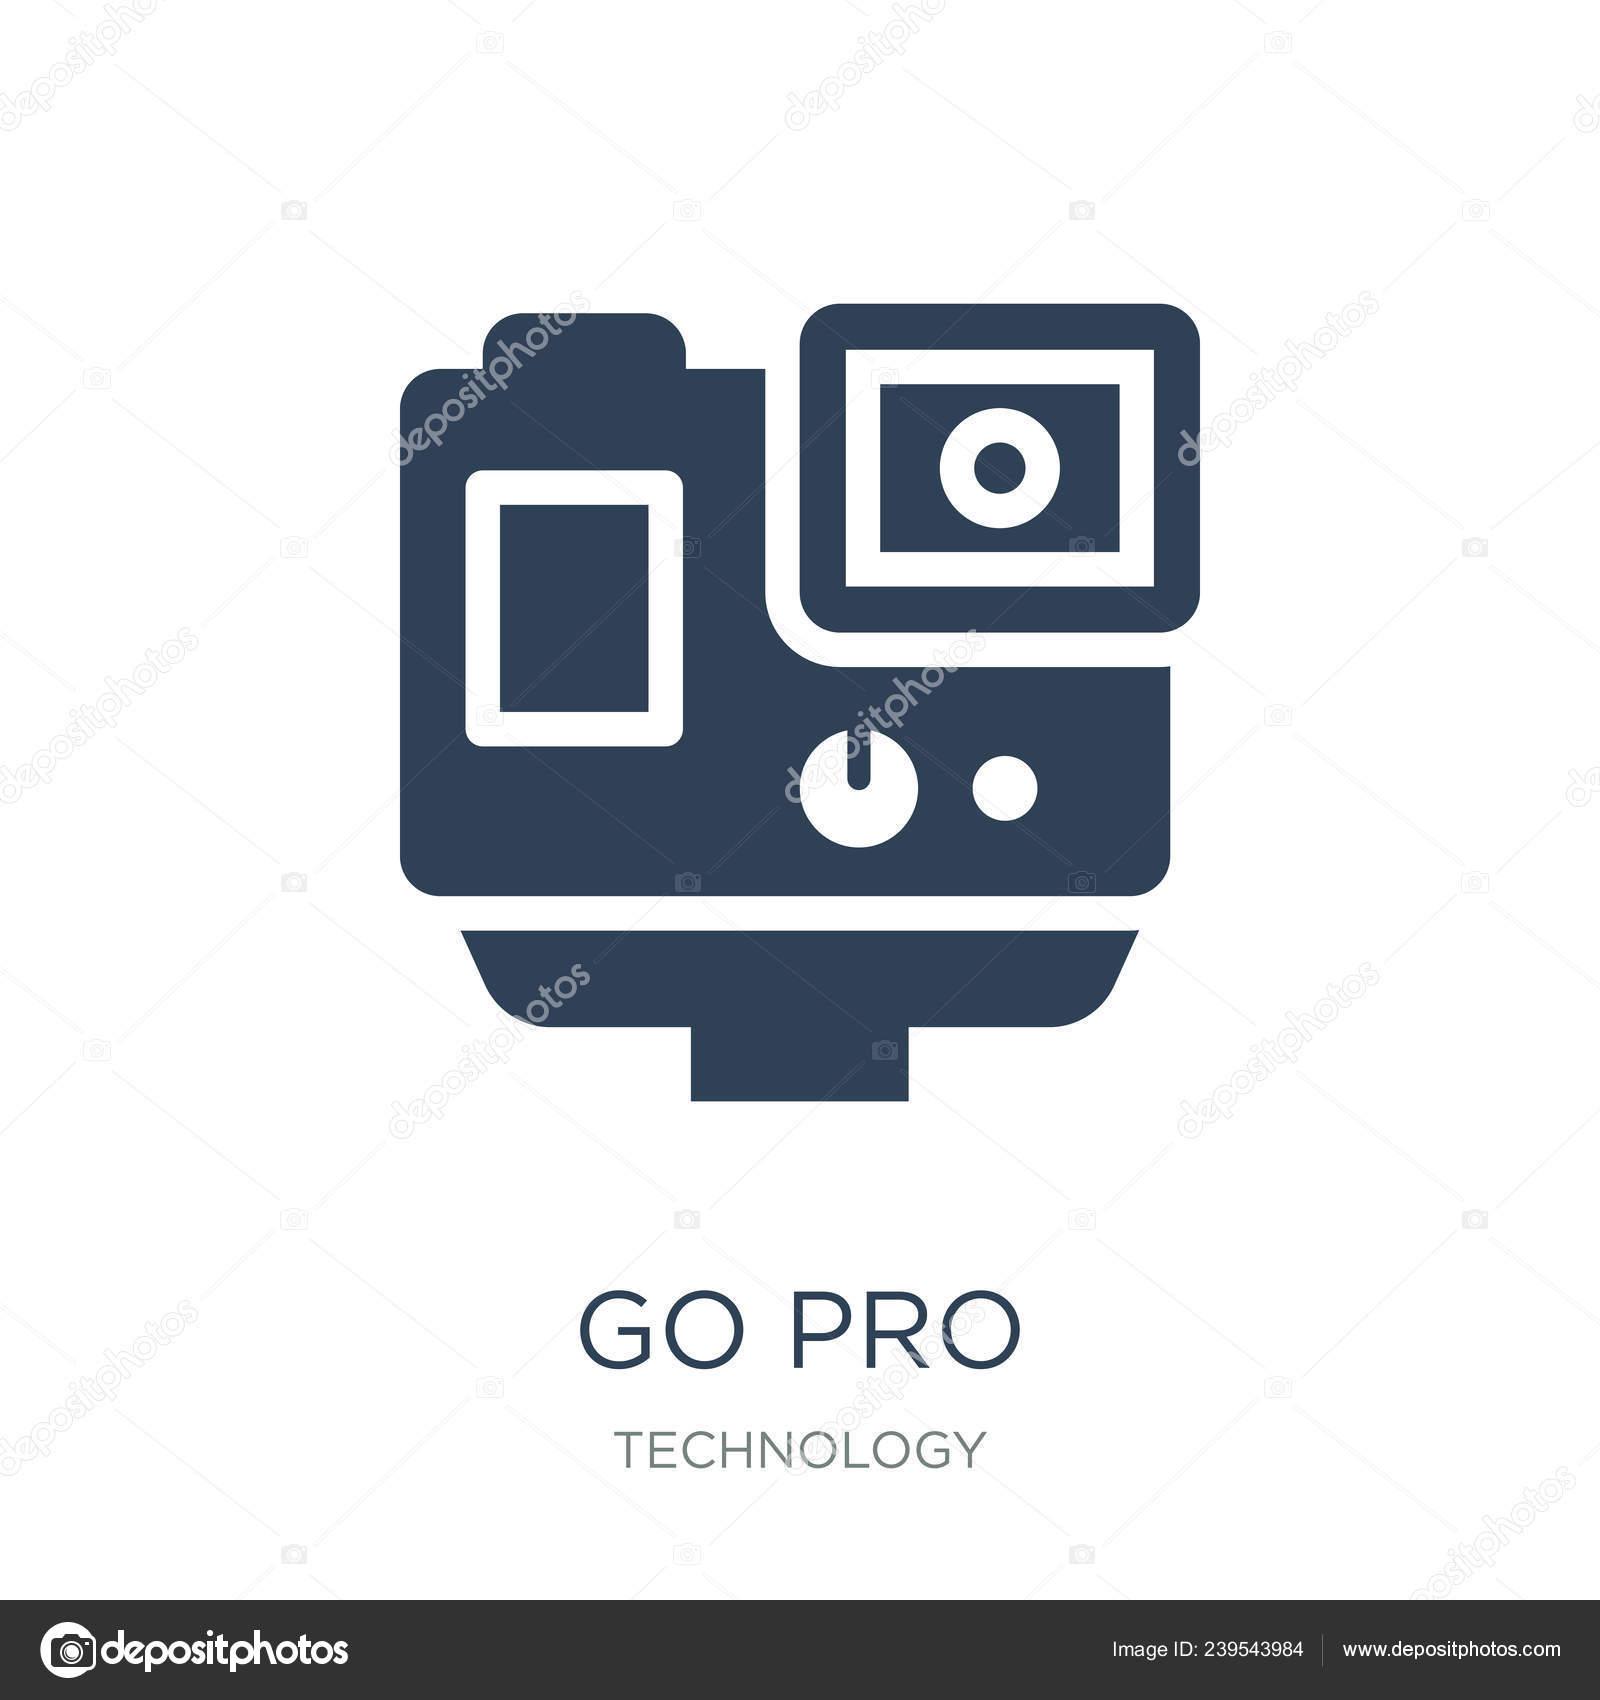 GoPro Hero Vector Logo - COMMERCIAL LOGOS - Technology : LogoWik.com    Vector logo, Logo sticker, Logos